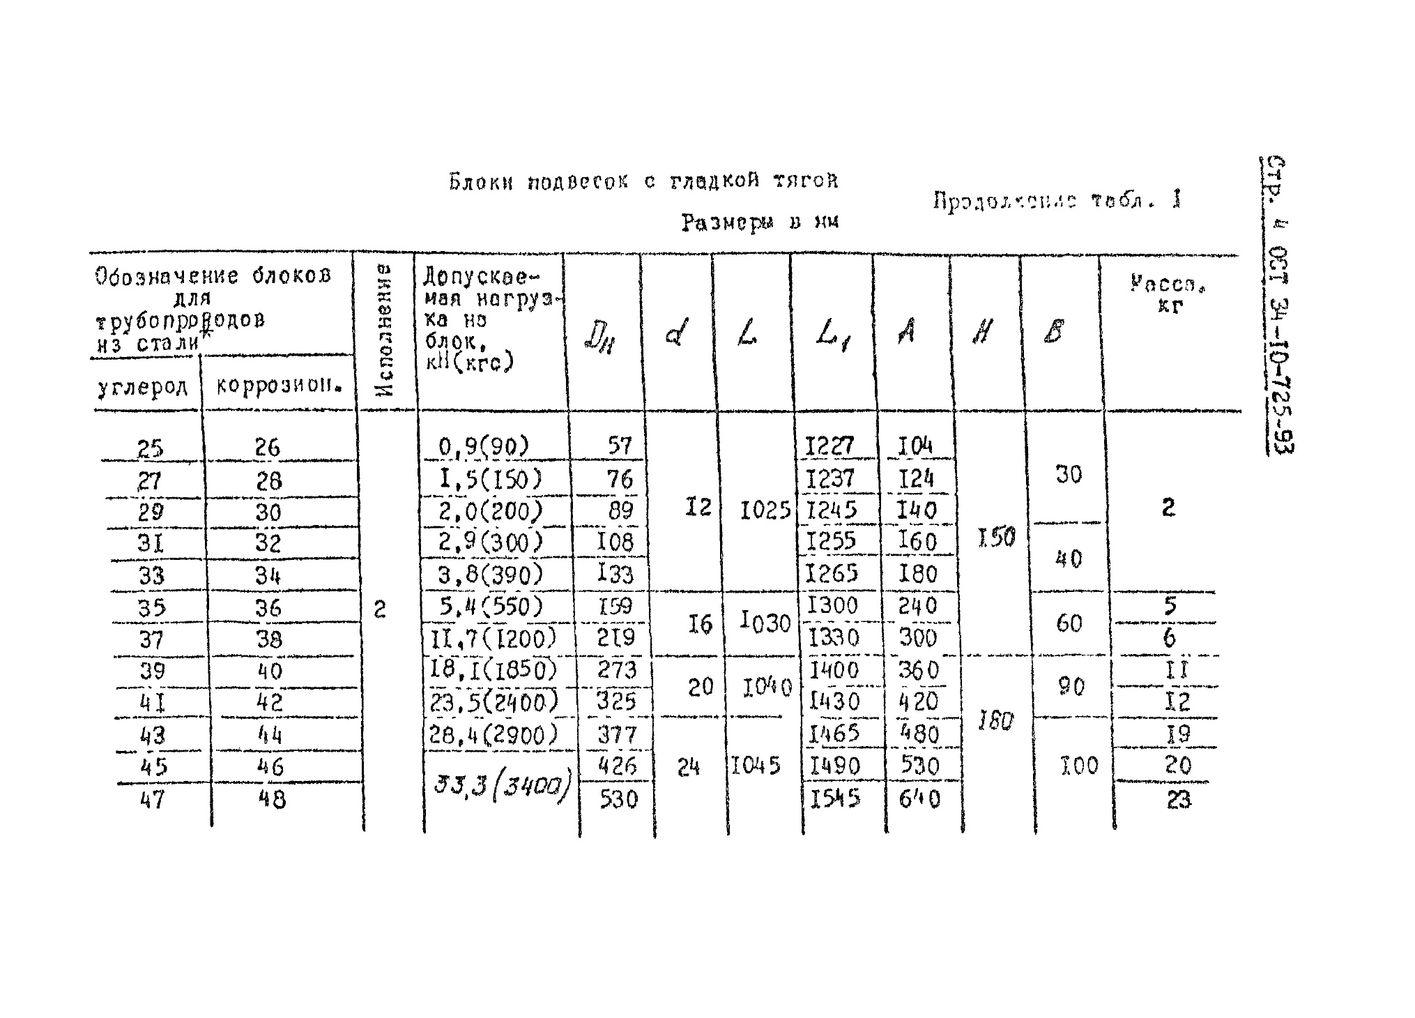 Блоки подвесок хомутовые ОСТ 34-10-725-93 стр.4